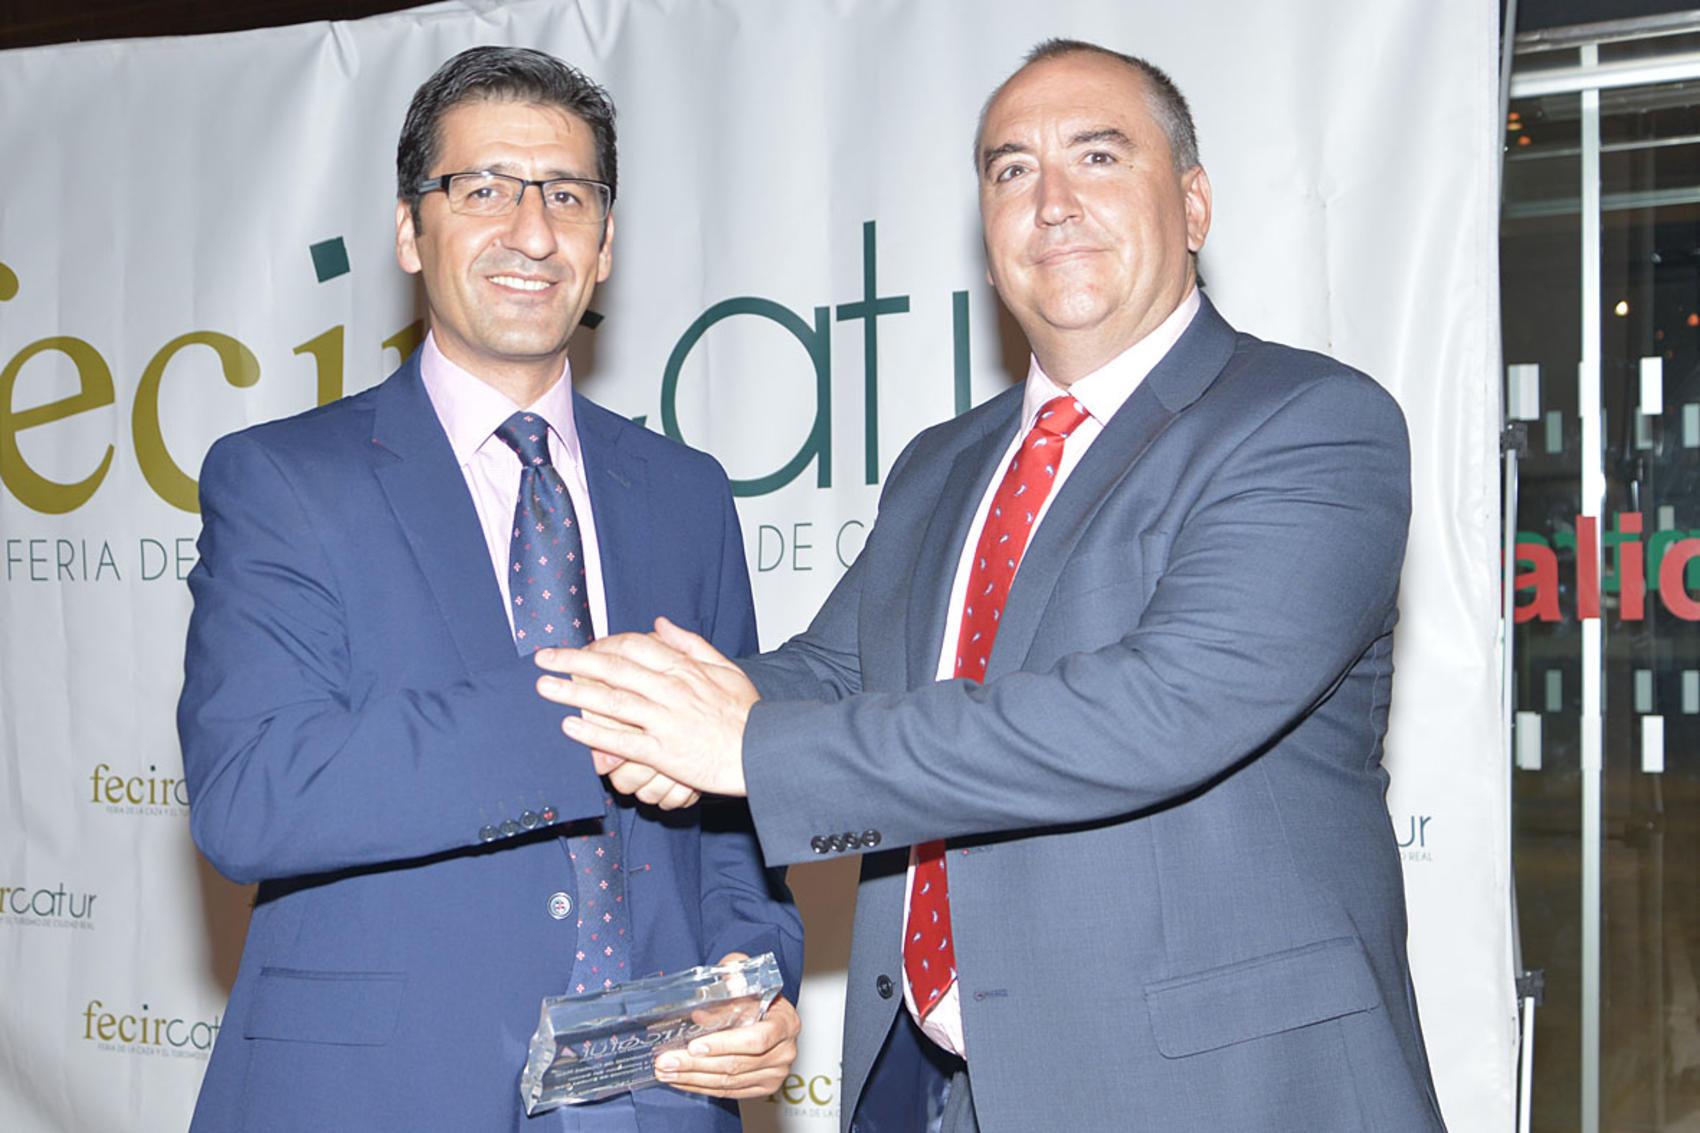 La organización de la Feria de la Caza concede a la Diputación el I Premio FECIRCATUR